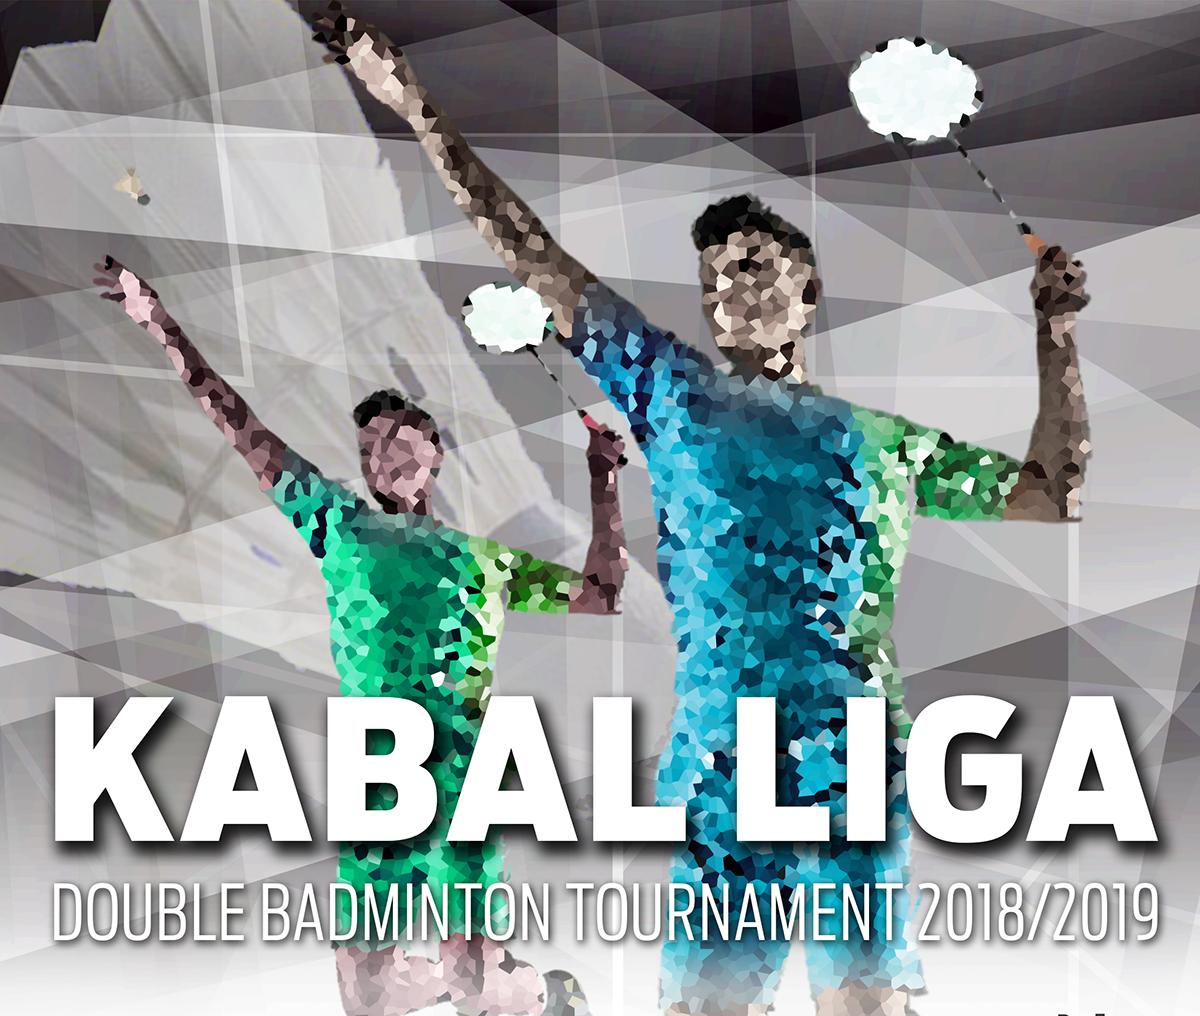 kabal 2018 2019